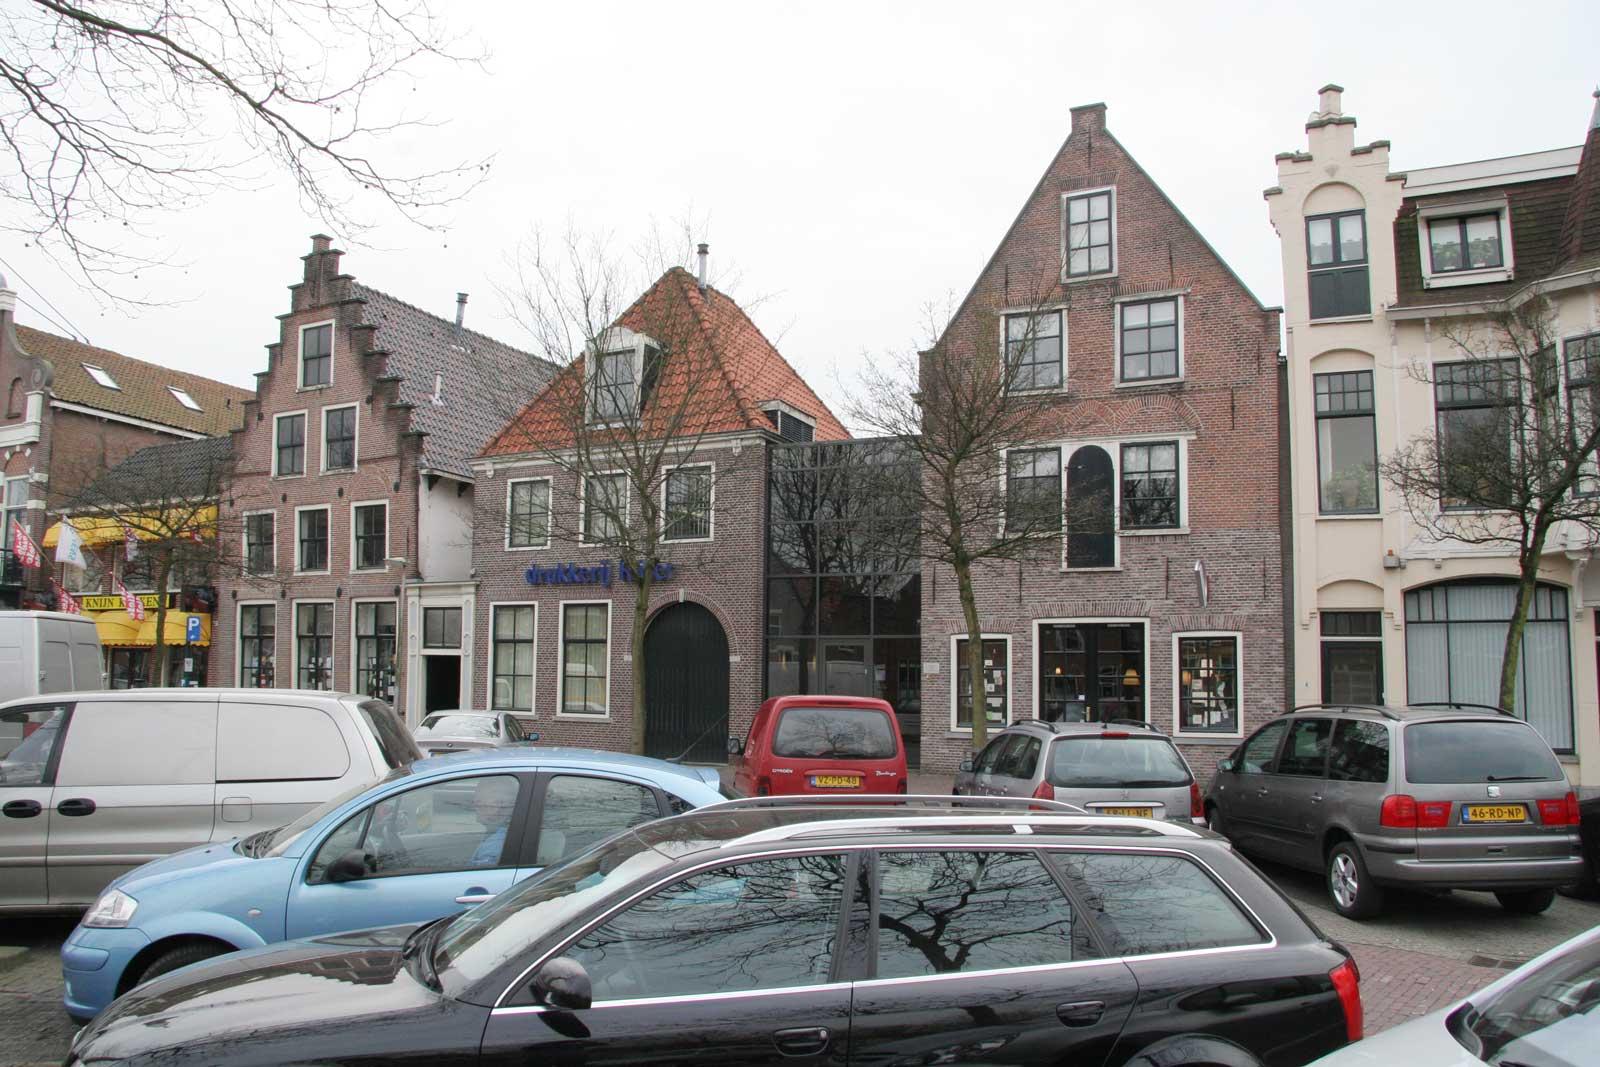 toestand voor renovatie - rijksmonument winkel met stadsappartementen Weerwal Purmerend